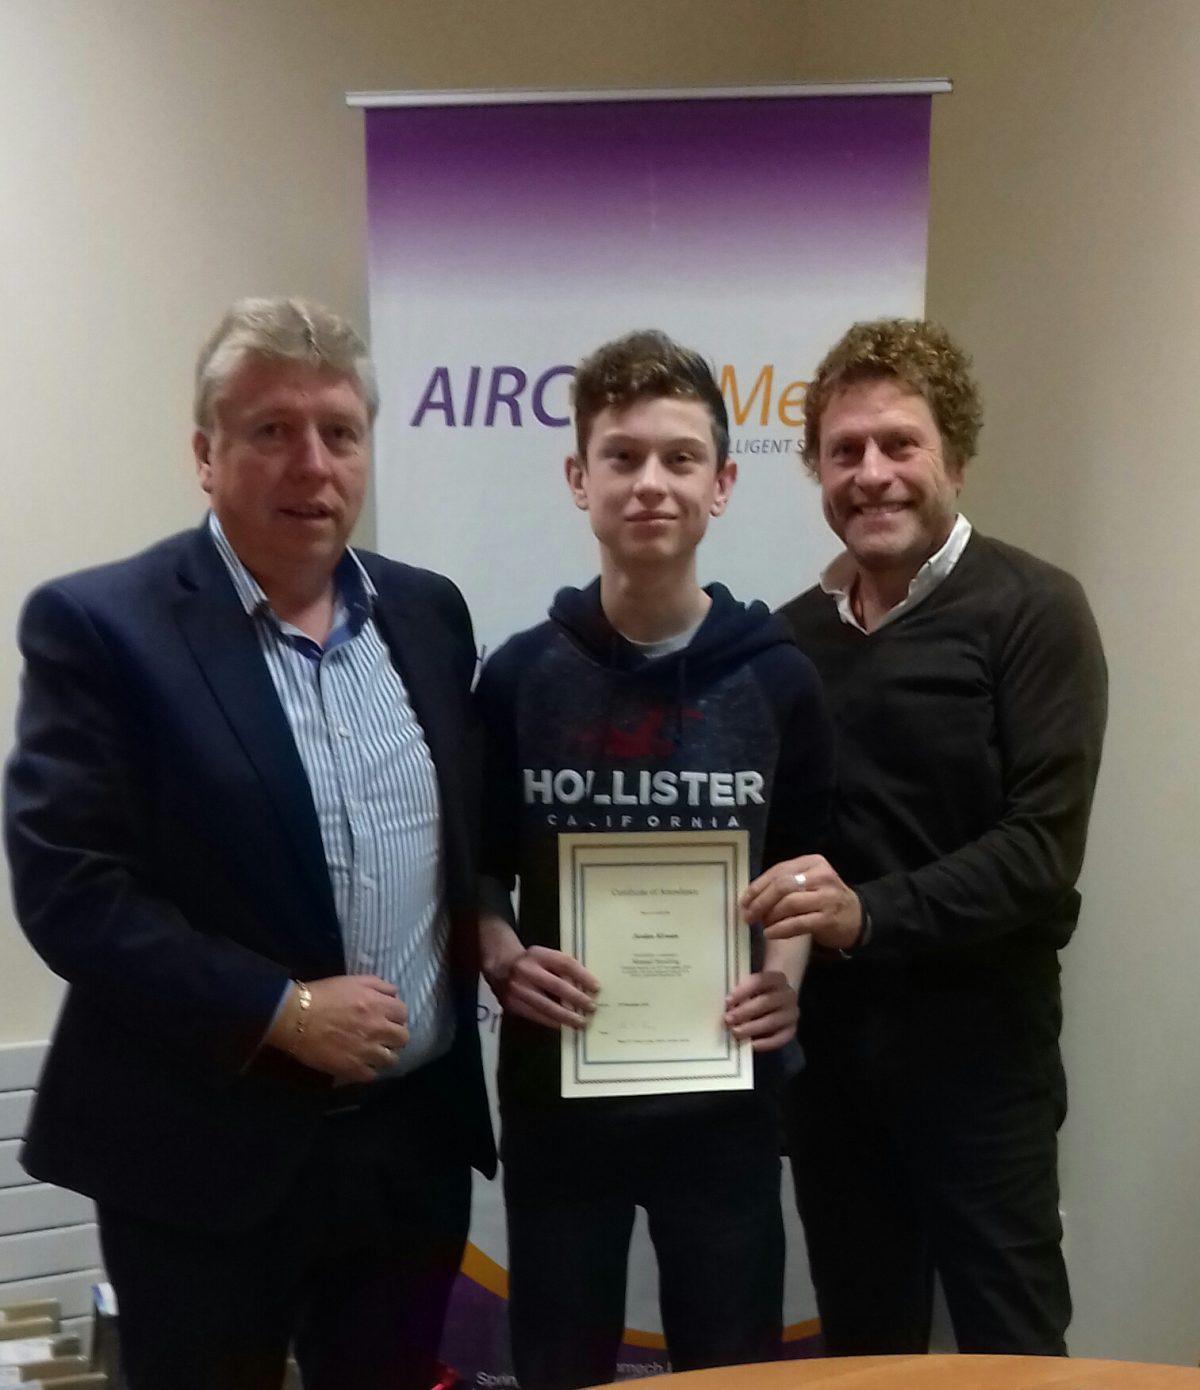 TY Student JOrdan Kirwan receives his Manual handling Certificate from Jim Mullett and John Dempsey